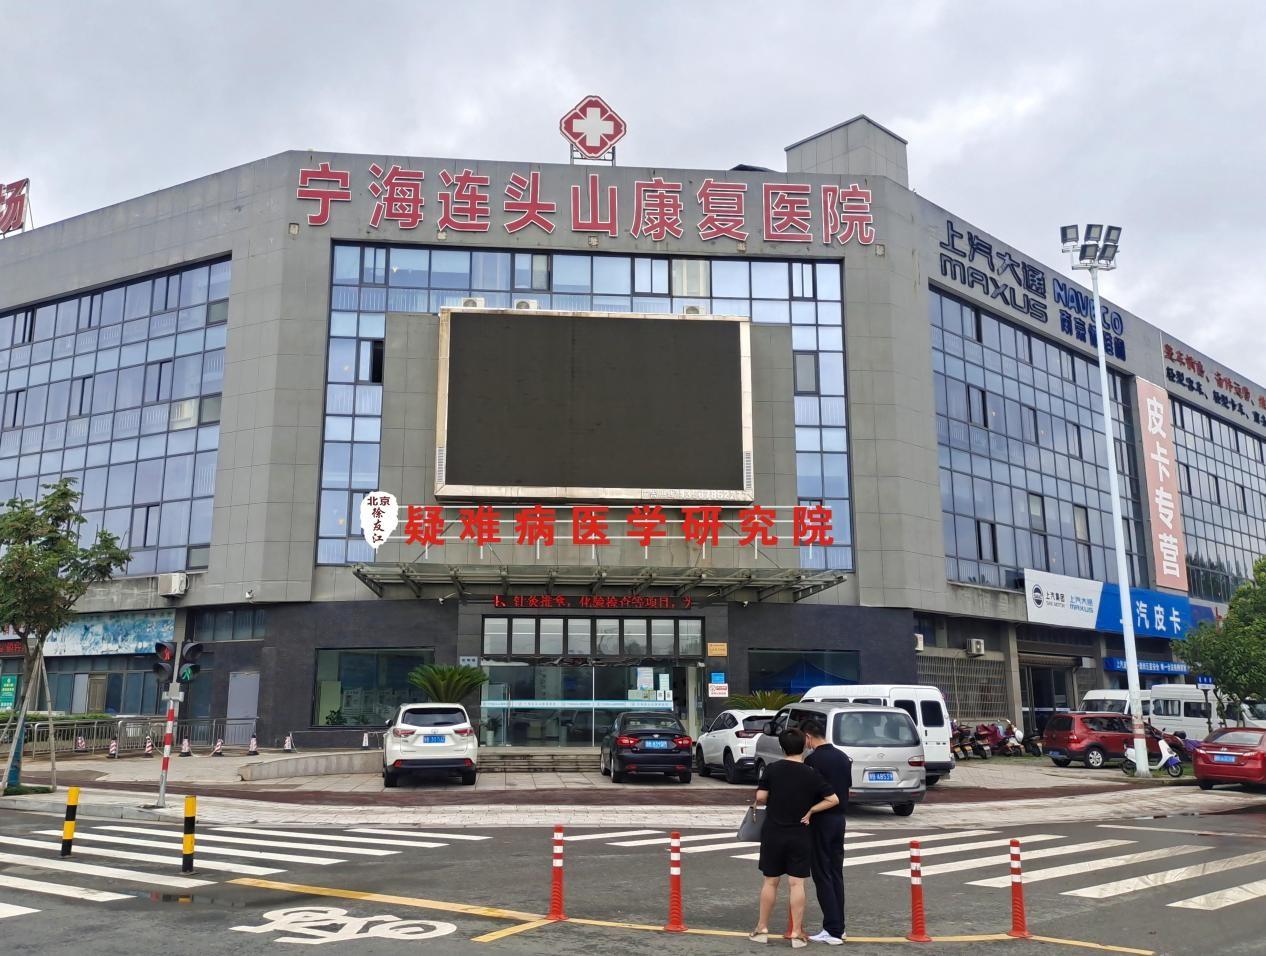 http://drdbsz.oss-cn-shenzhen.aliyuncs.com/21082613391872735142.jpeg